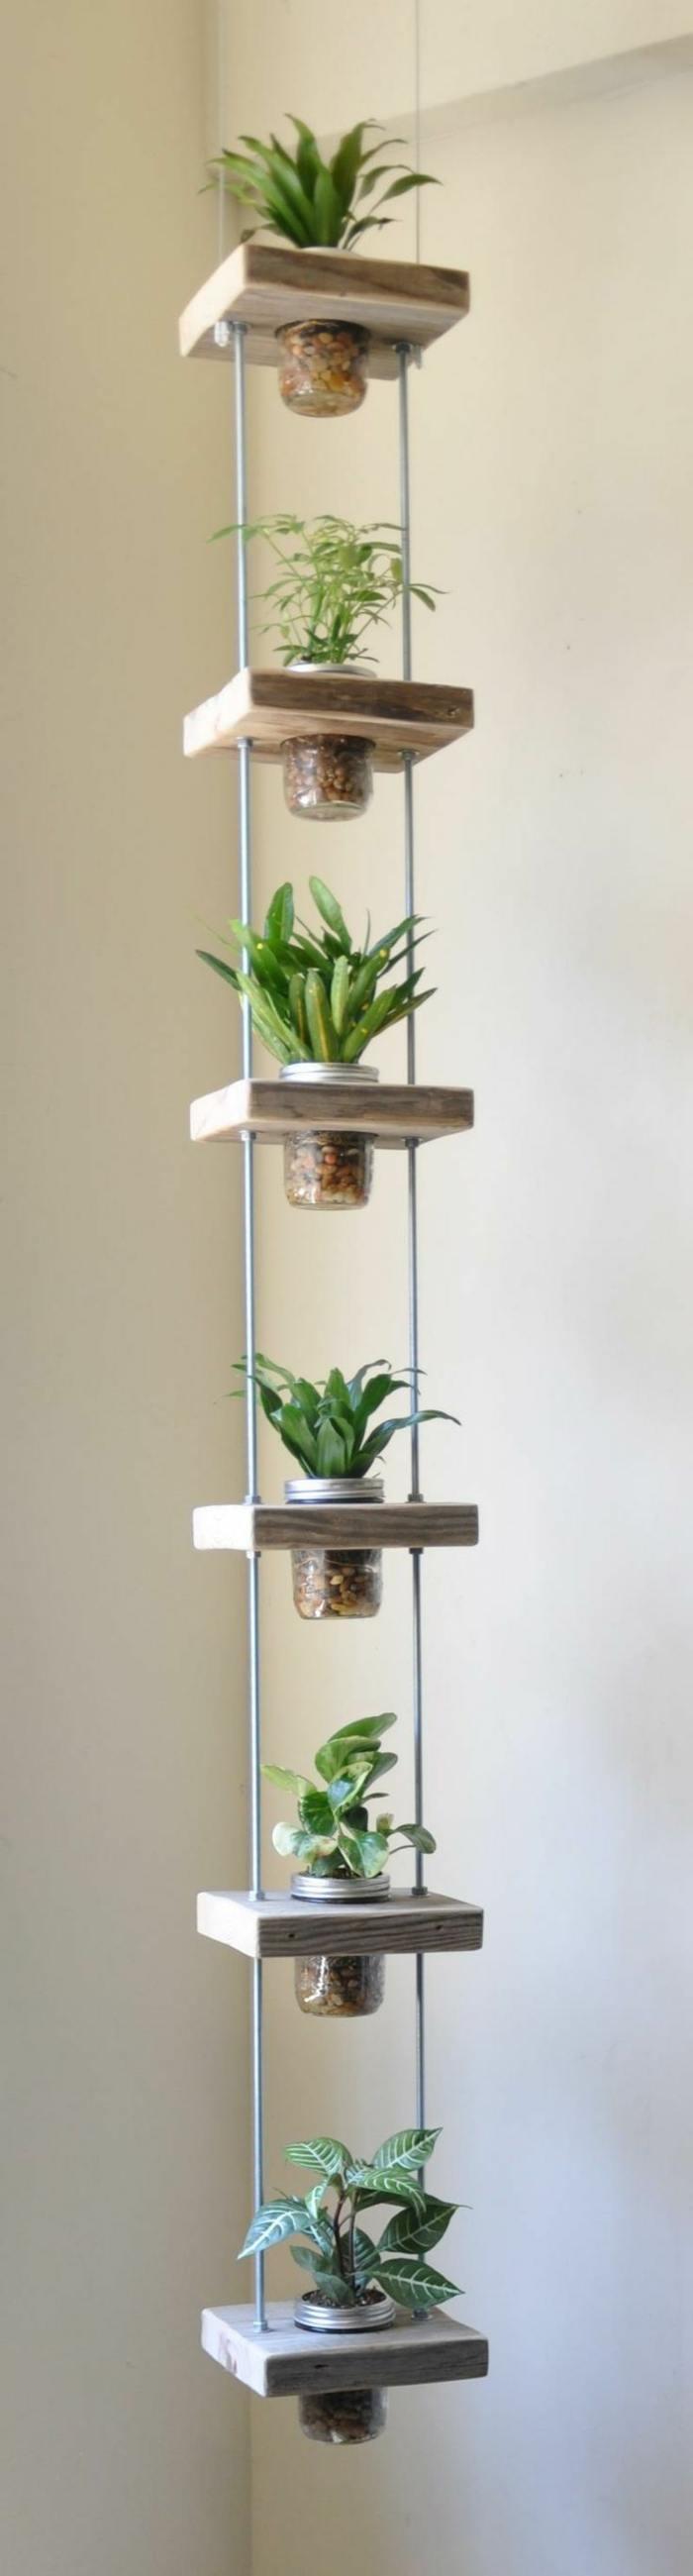 opciones hierbas jardin vertical colgando techo ideas